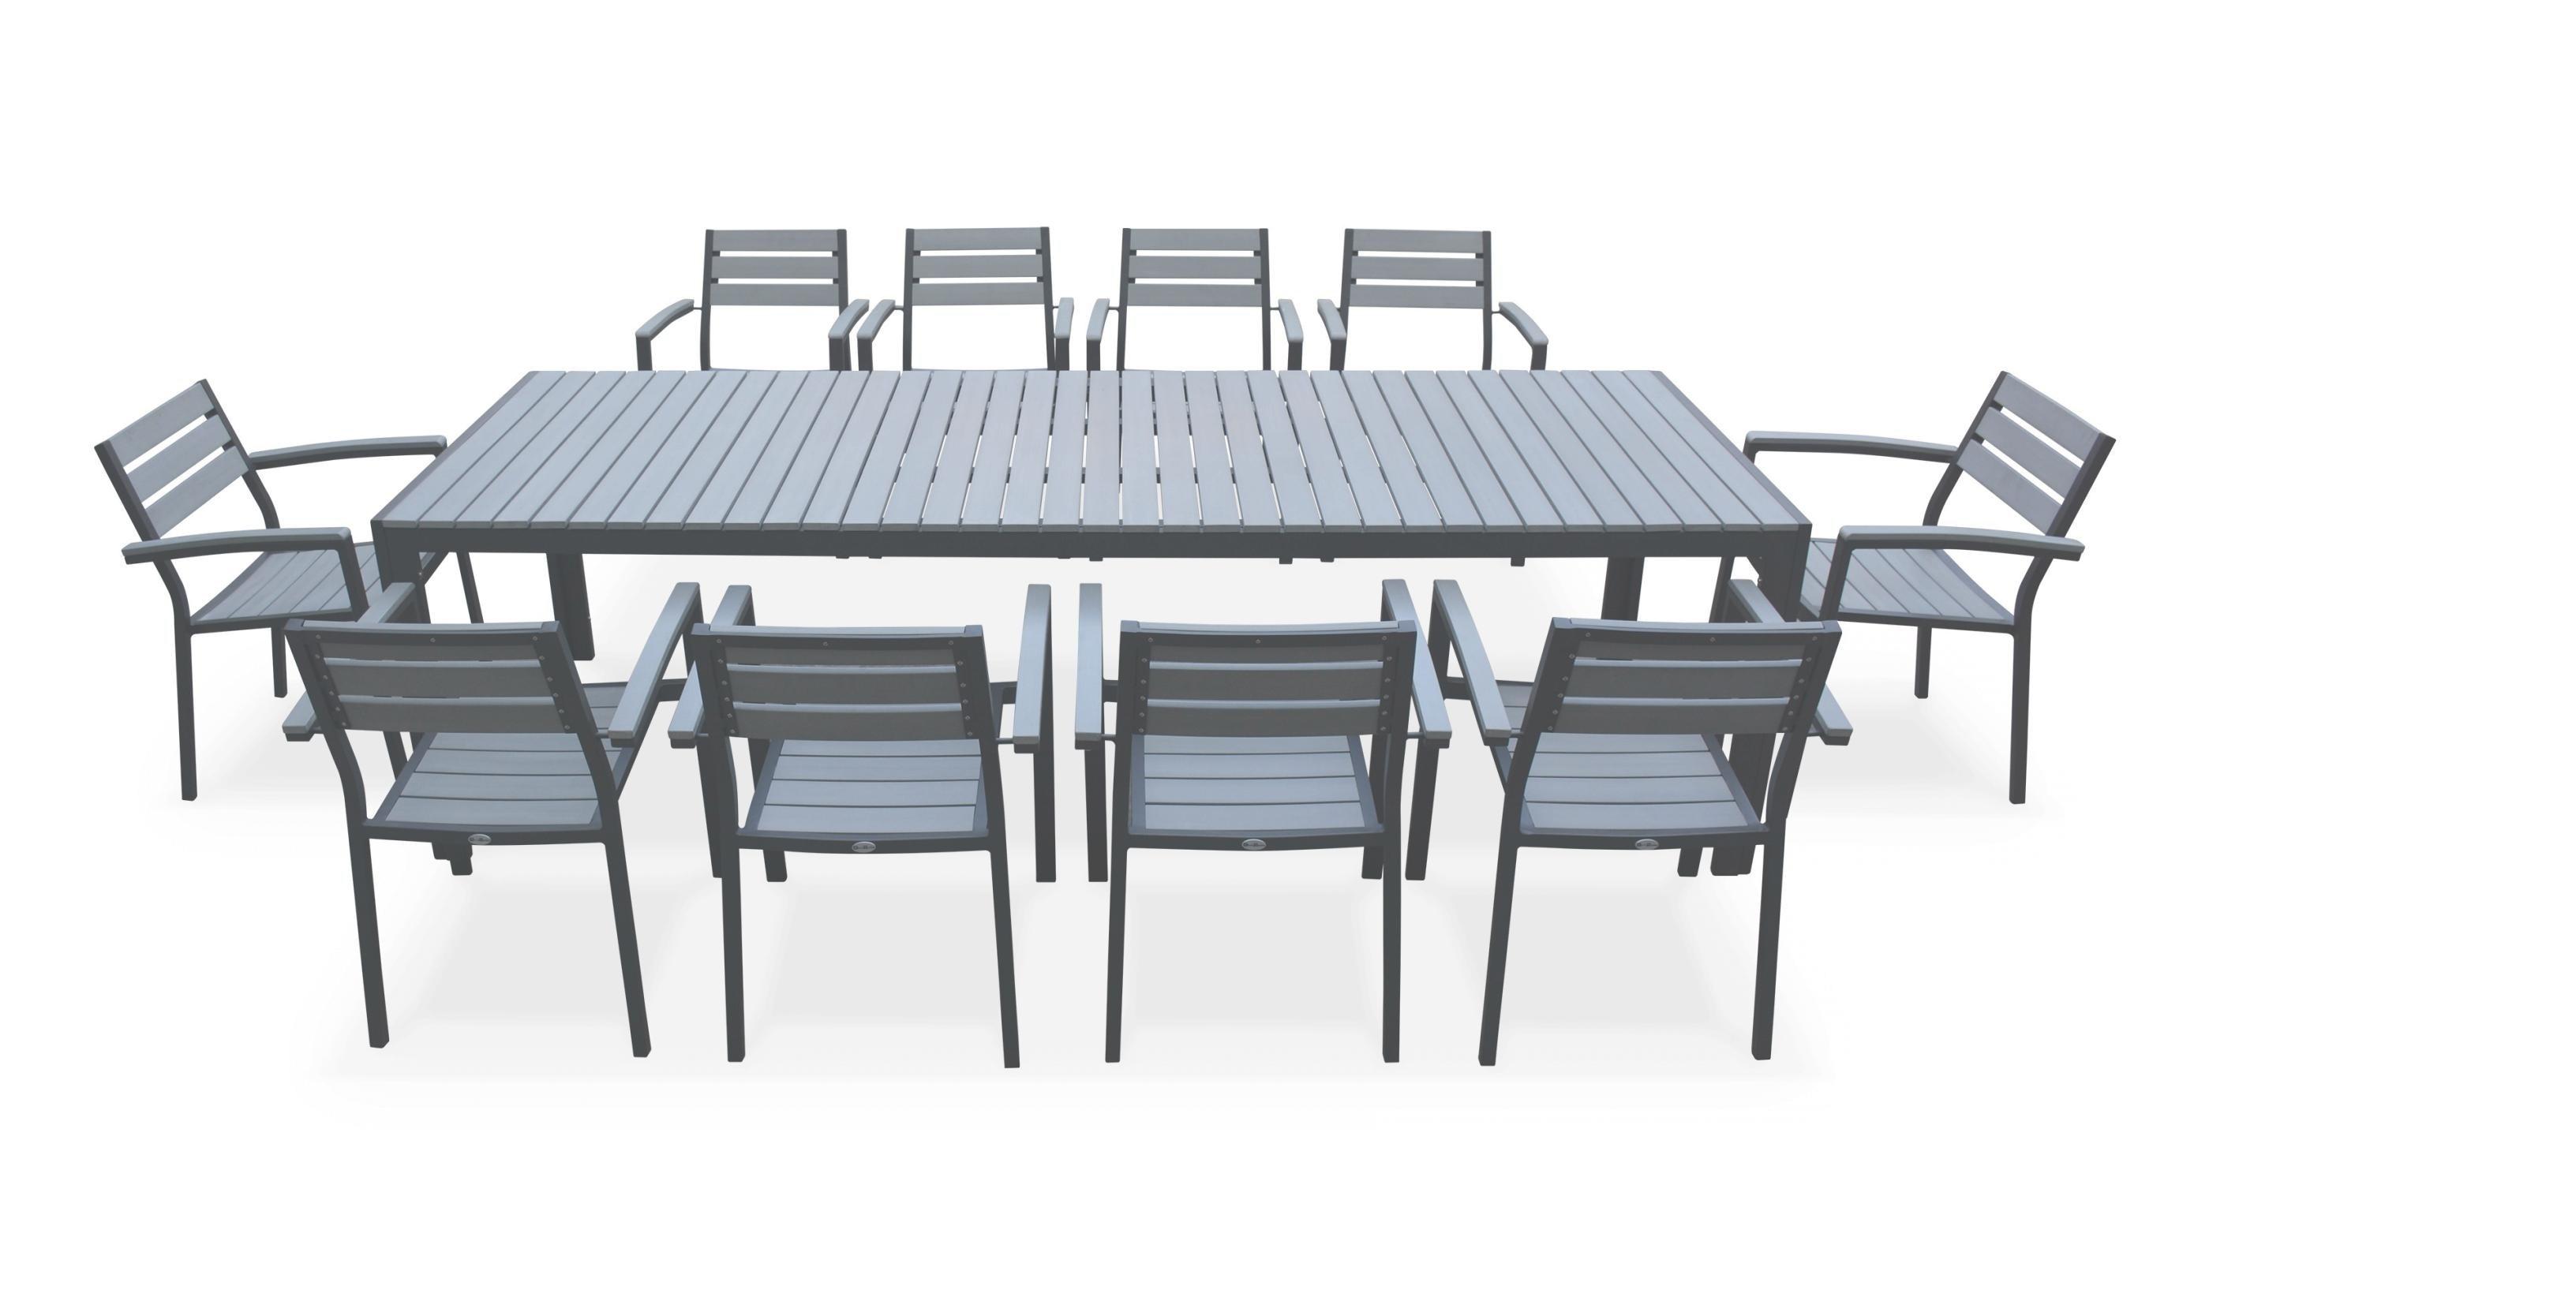 Salon de jardin aluminium polywood - Jardin piscine et Cabane